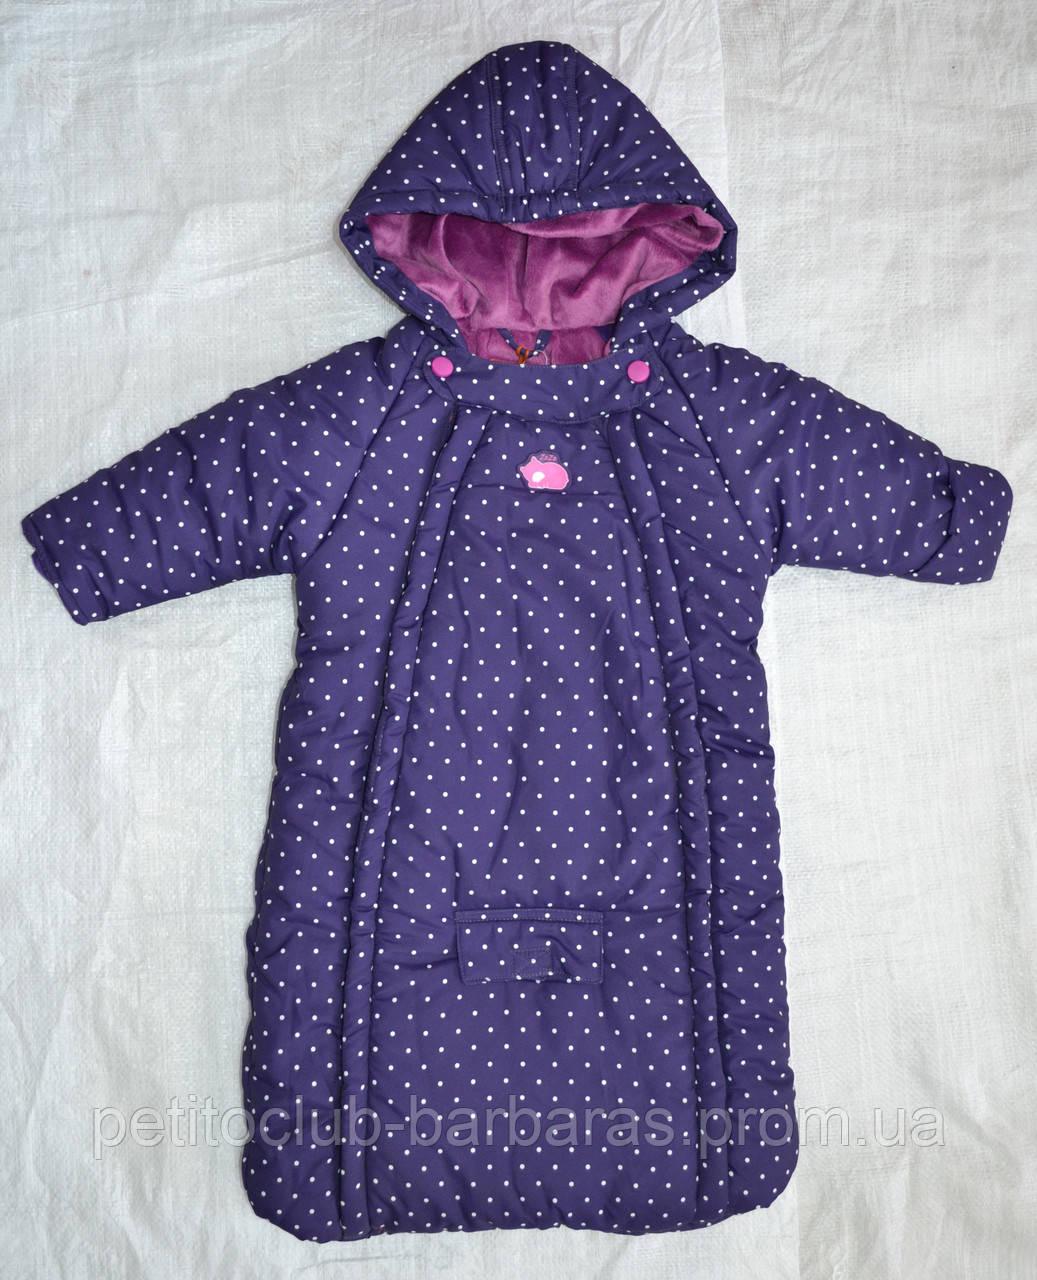 Зимний термокомбинезон-конверт для новорожденных фиолетовый (QuadriFoglio, Польша)